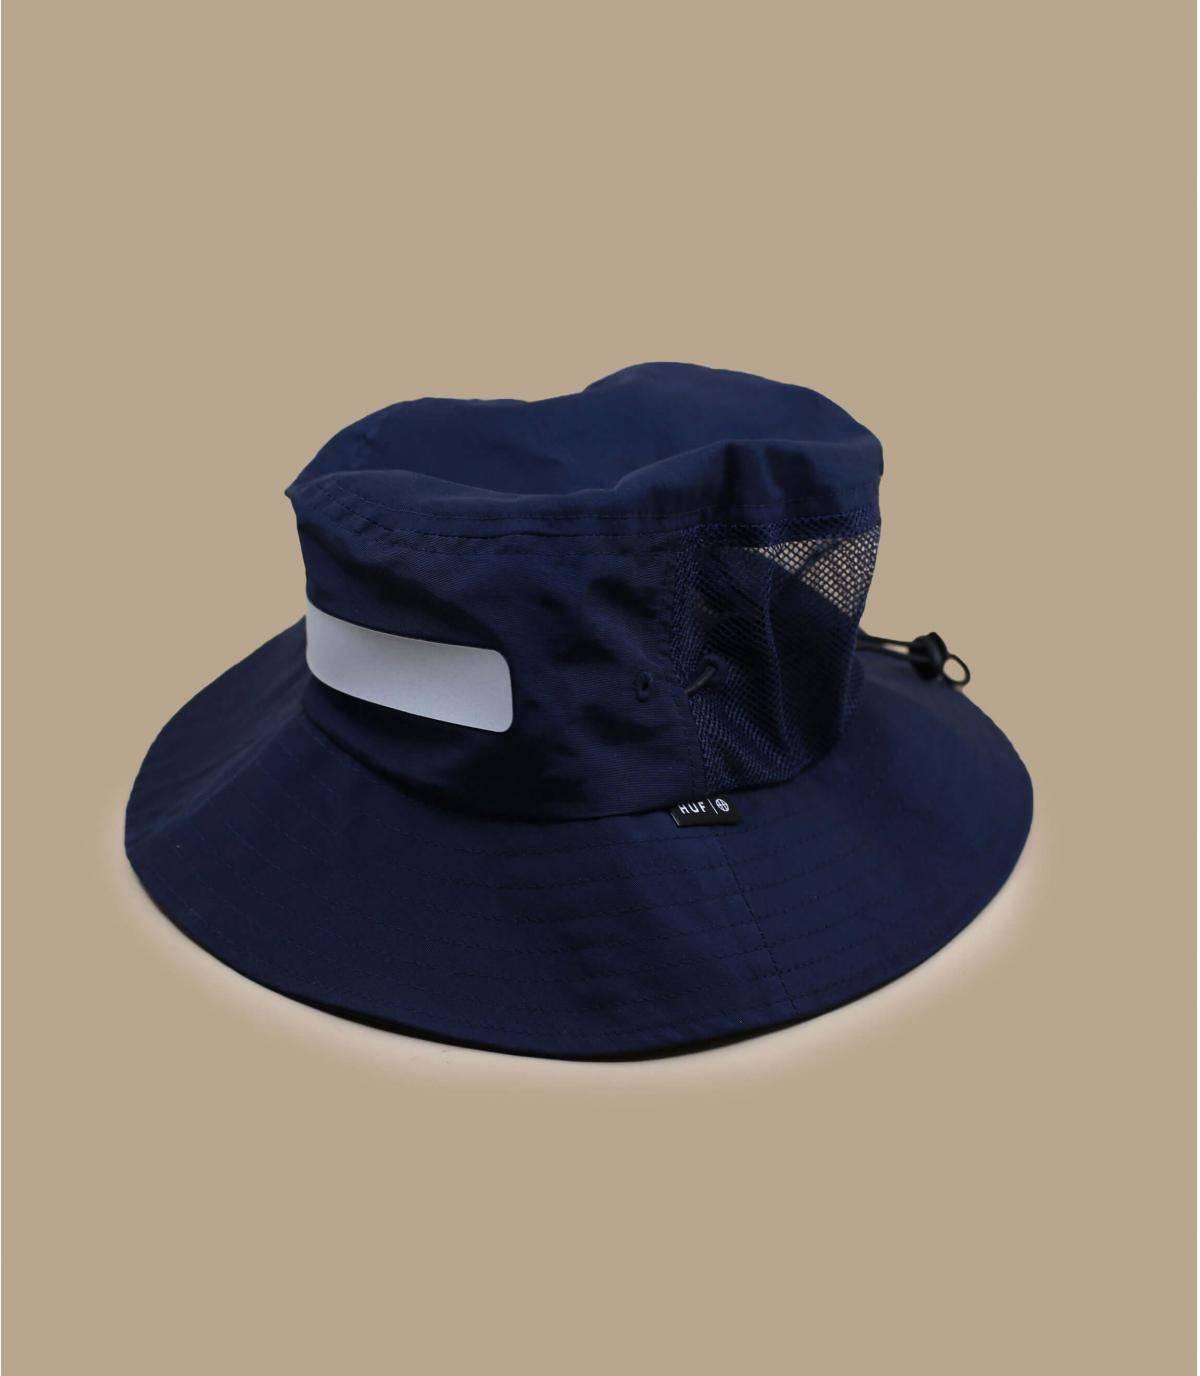 Détails Abbott Fishing Hat navy - image 2